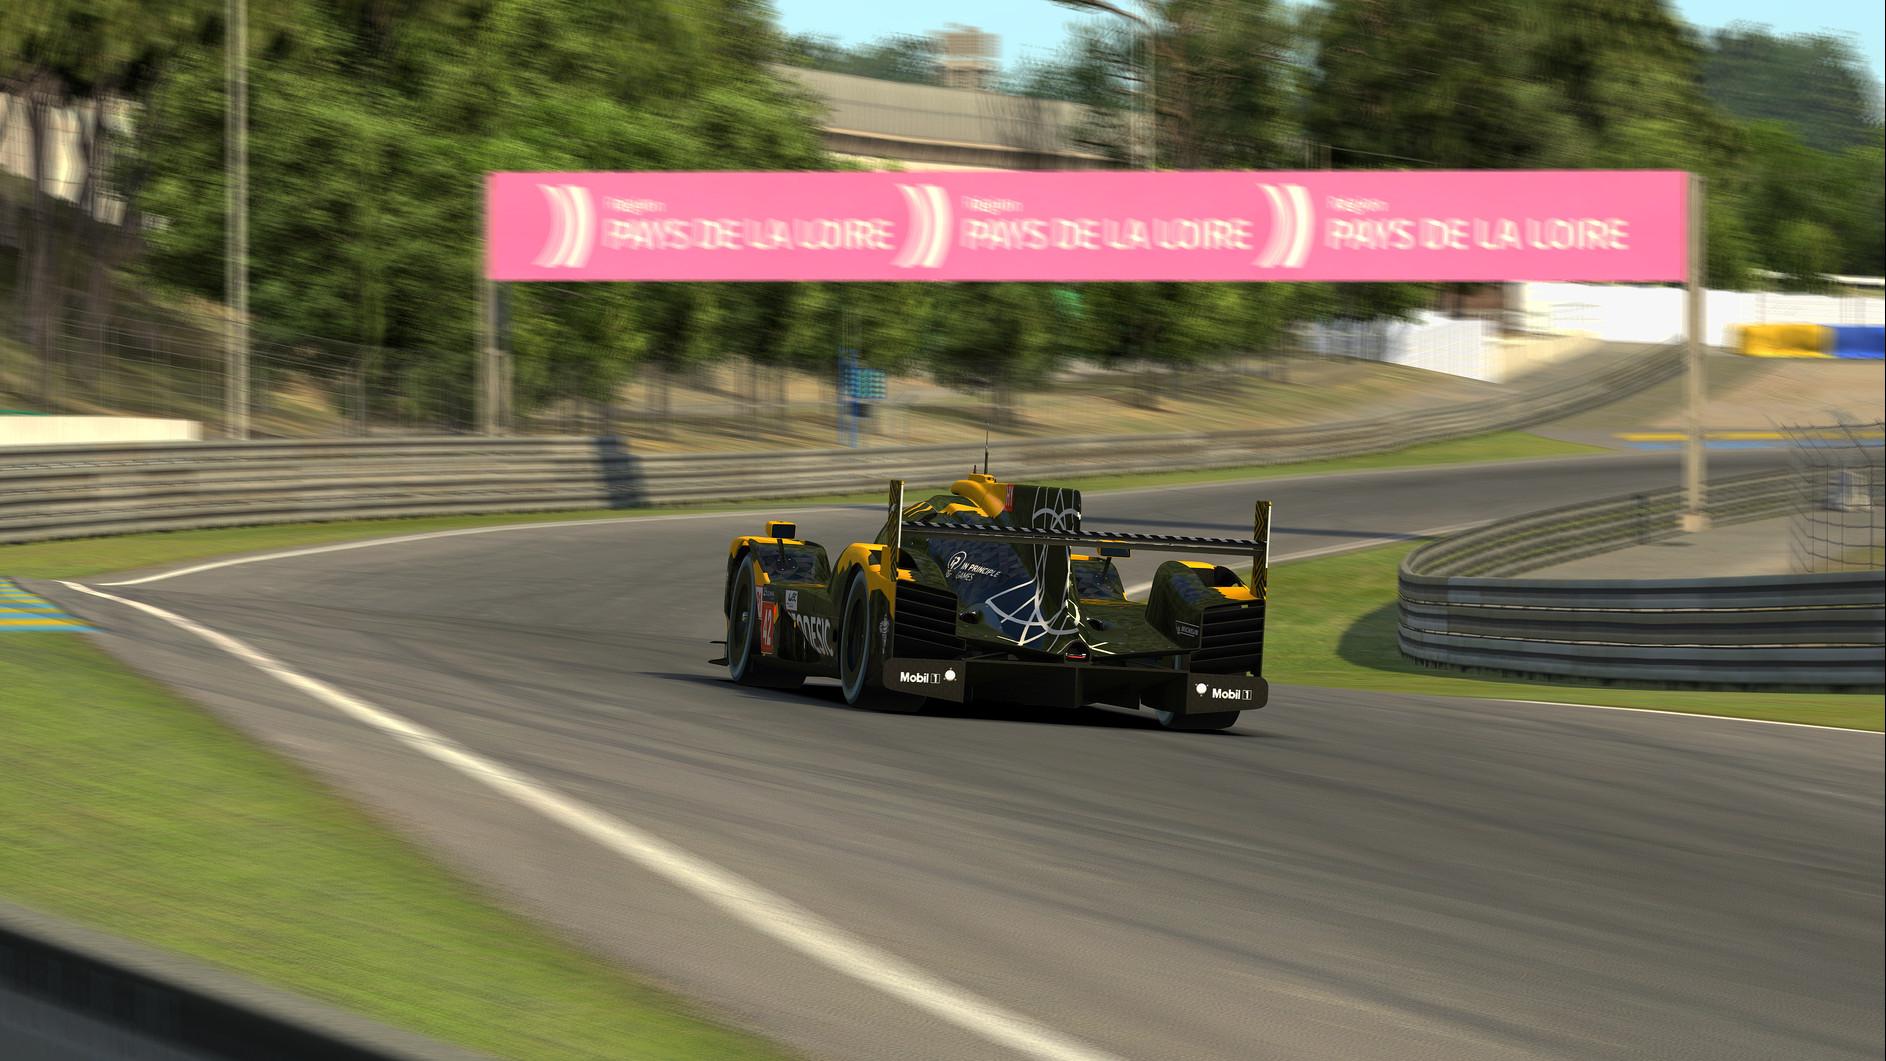 919 Le Mans3.jpg